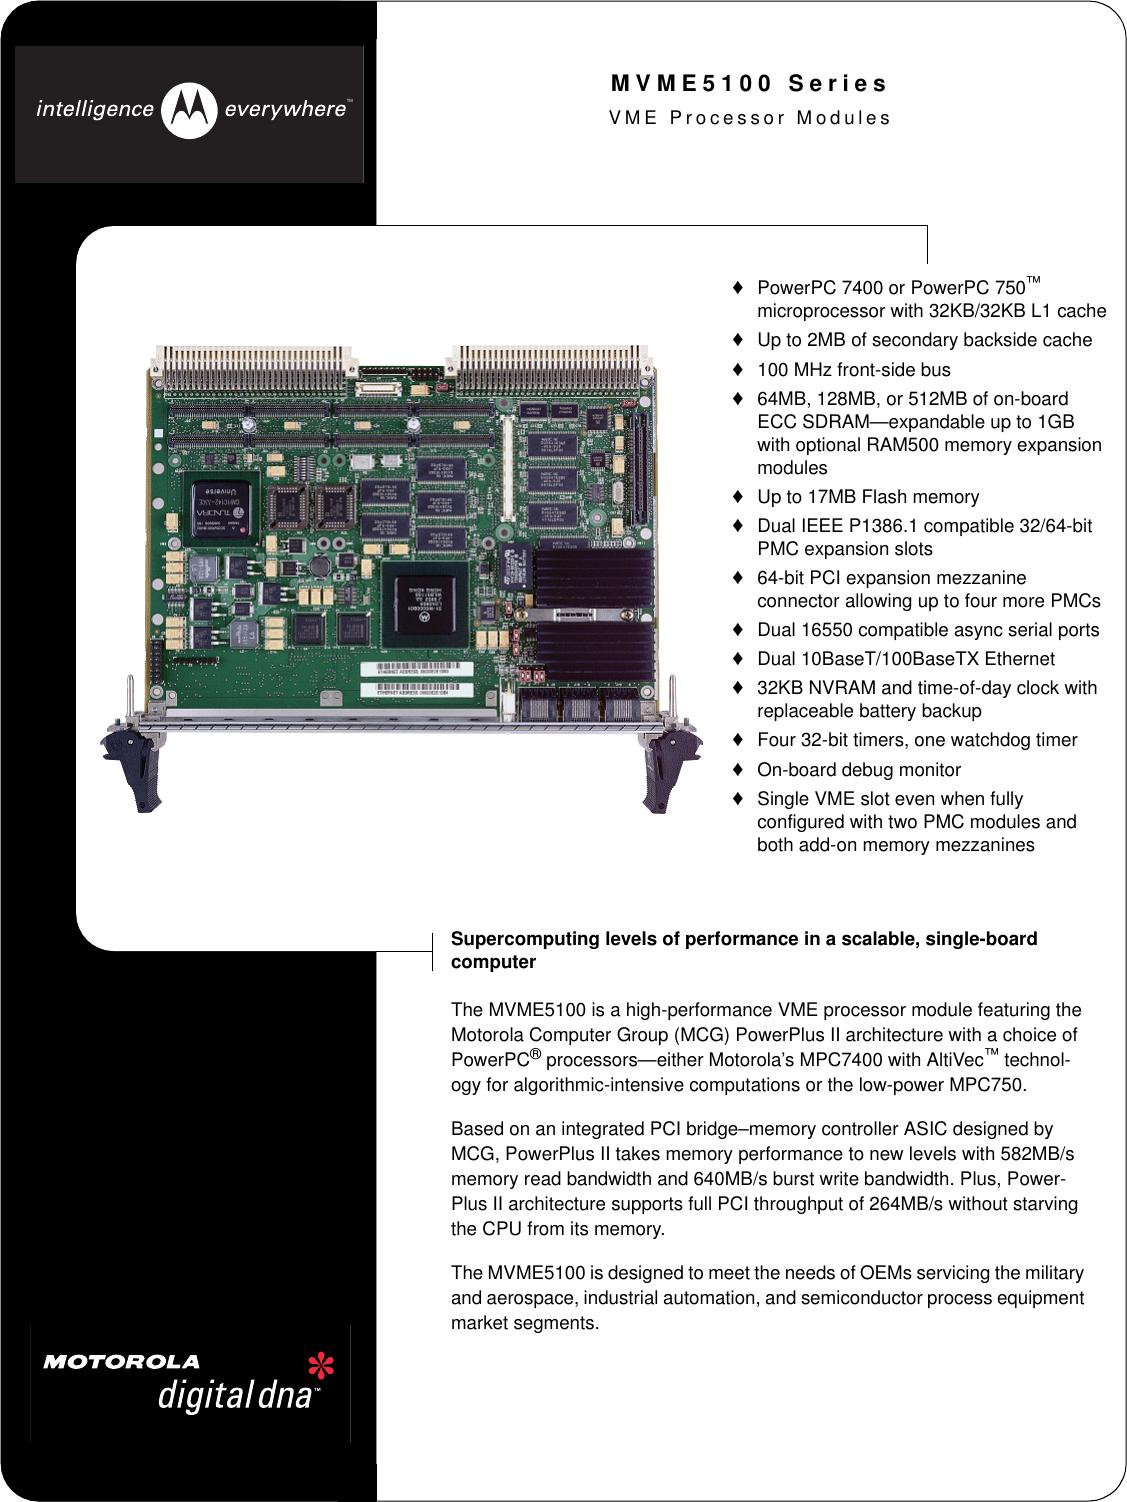 Motorola Mvme5100 Series Users Manual VME Processor Modules